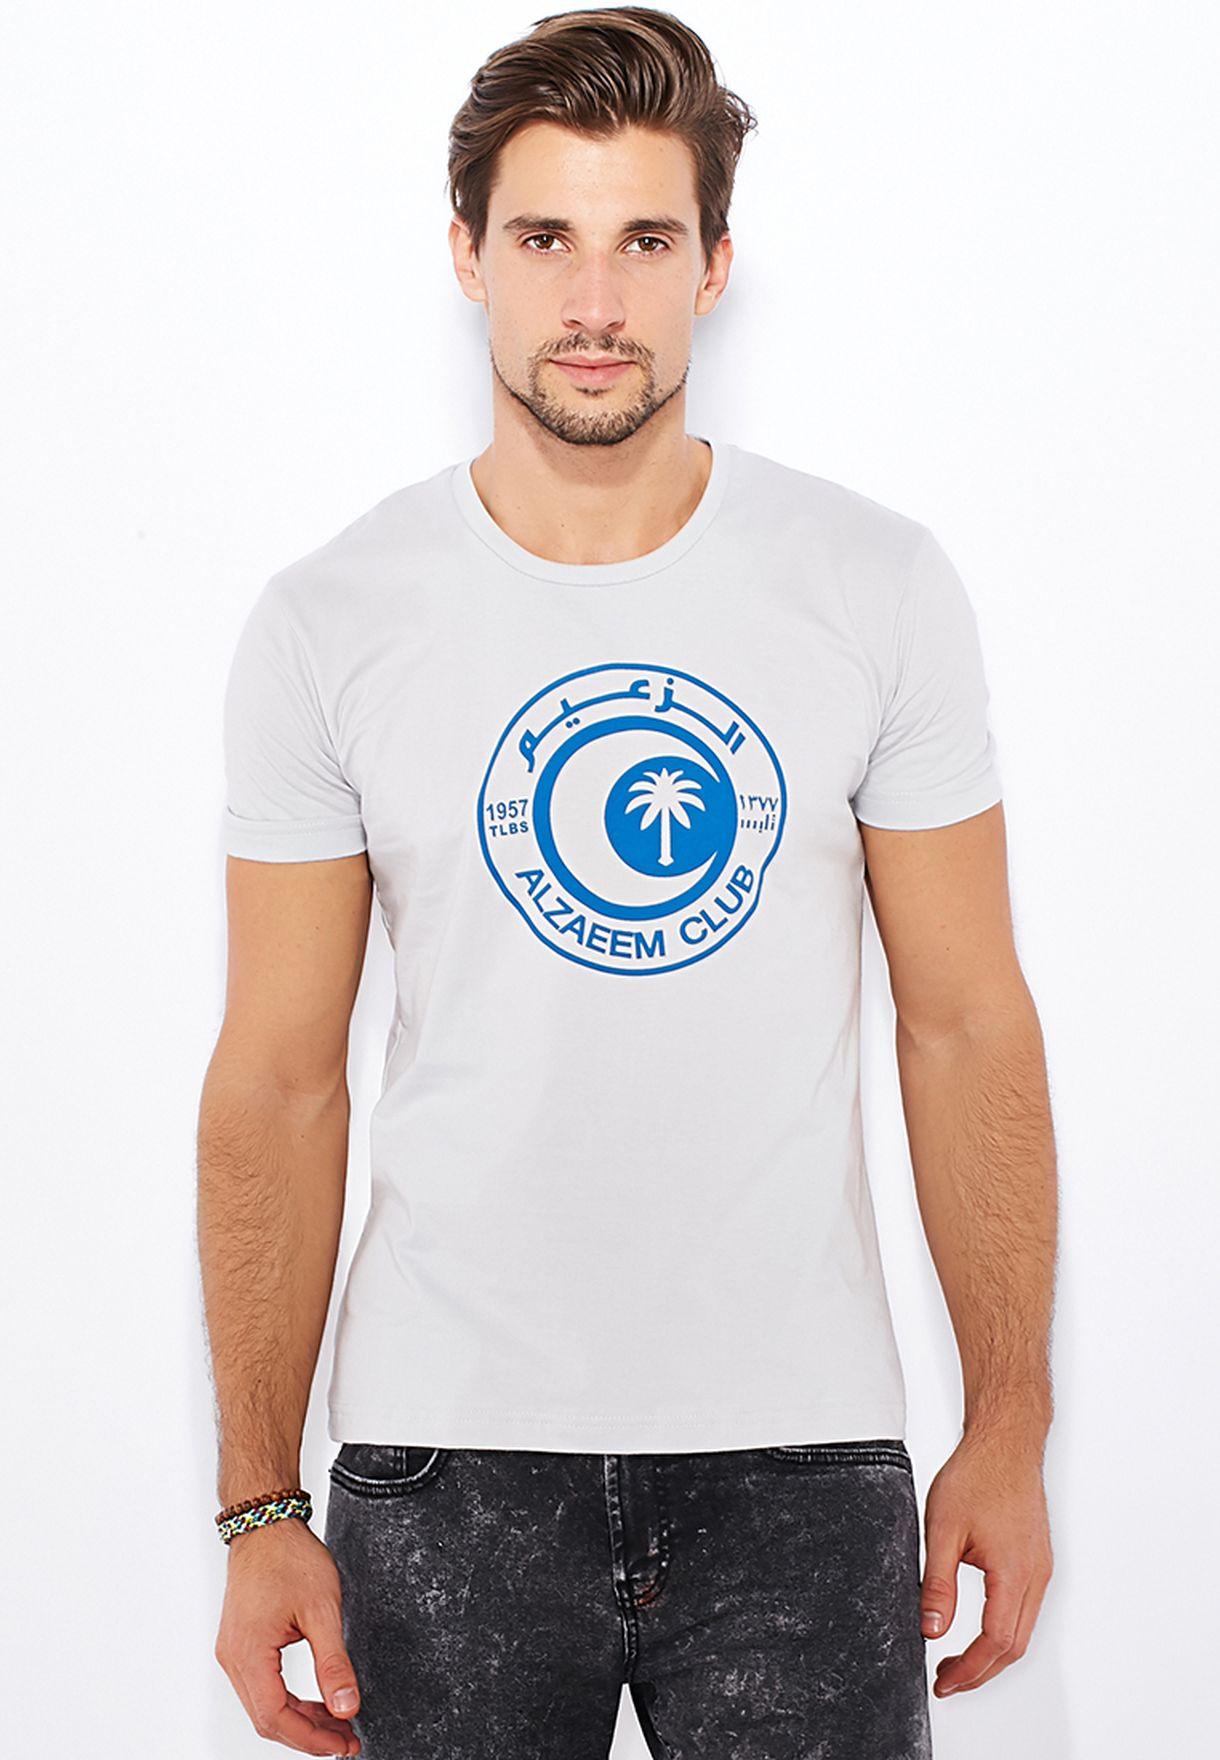 a6c7deb51 Shop Tlbs grey Al Zaeem T-Shirt for Men in Qatar - TL863AT22ETX